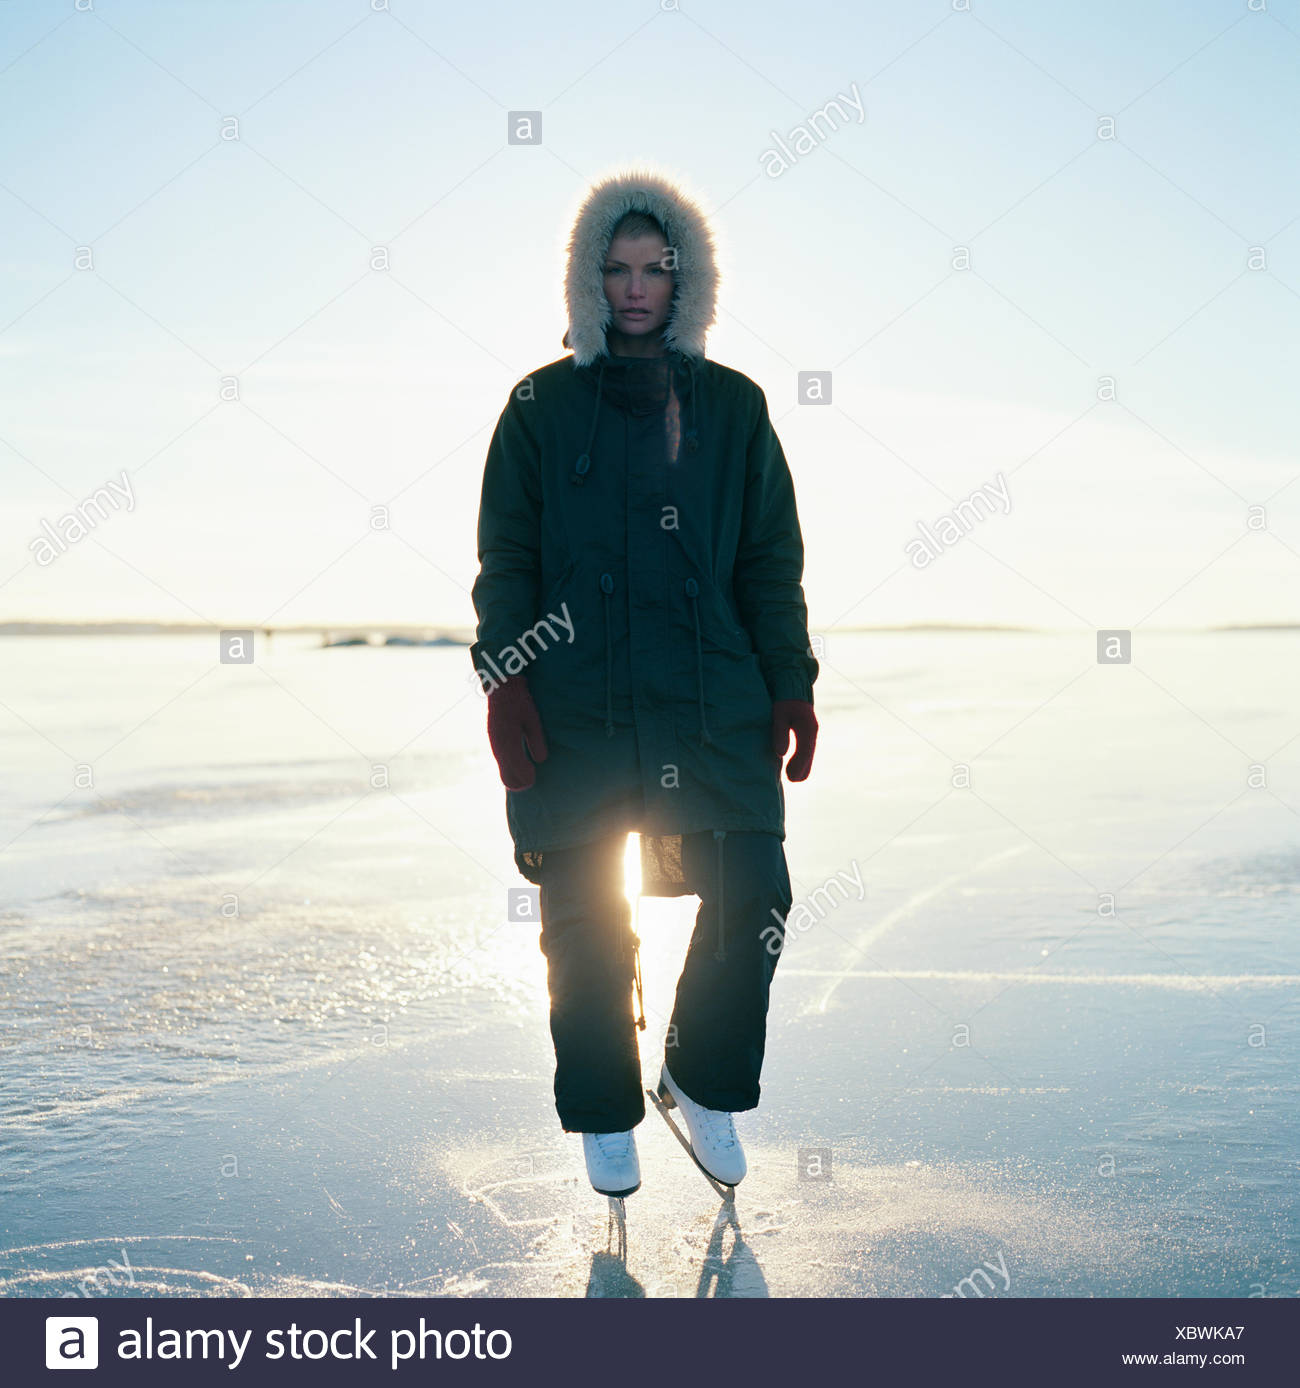 Schweden, Uppland, Varmdo, Bjorno, Mitte erwachsenen Frau in Schlittschuhe stehen auf zugefrorenen See Stockbild